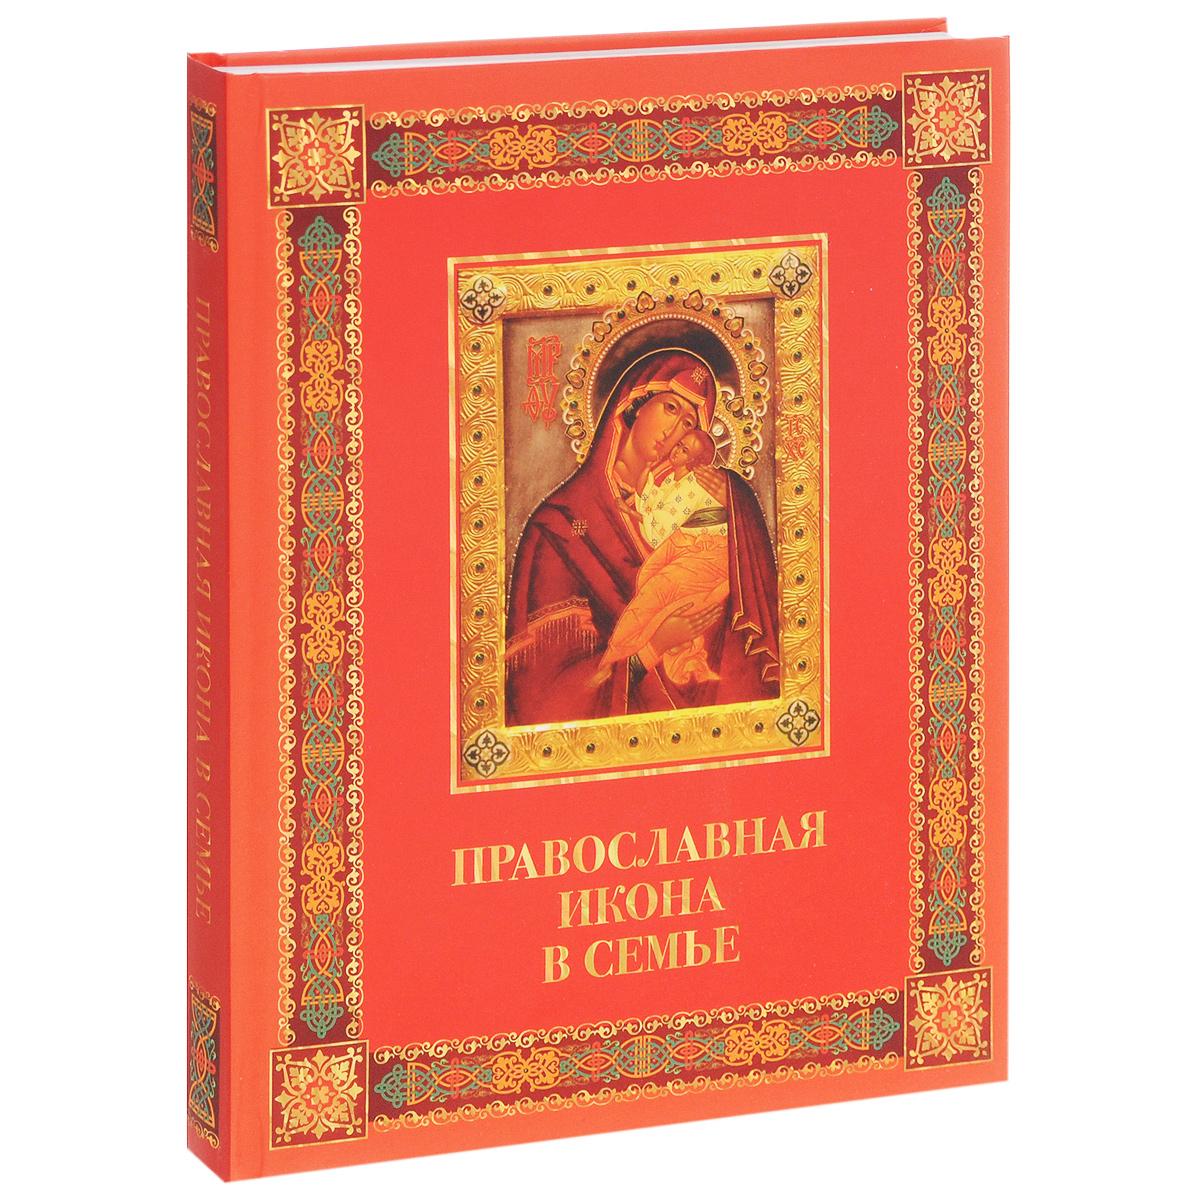 А. А. Евстигнеев Православная икона в семье комлев и ковыль